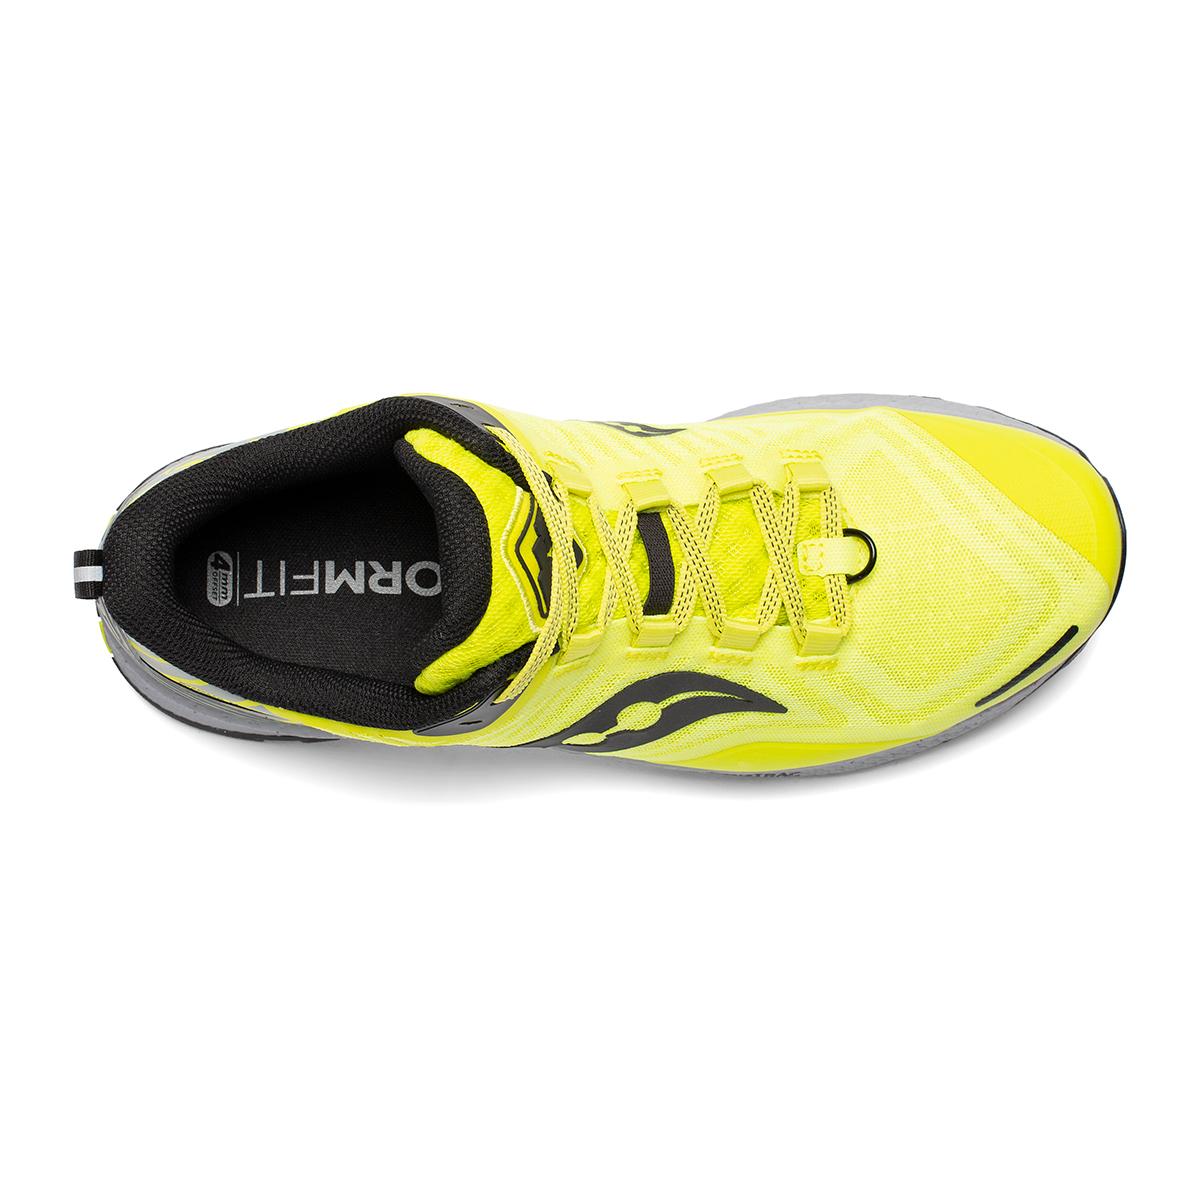 Men's Saucony Xodus 11 Trail Running Shoe - Color: Citrus/Alloy - Size: 7.5 - Width: Regular, Citrus/Alloy, large, image 3